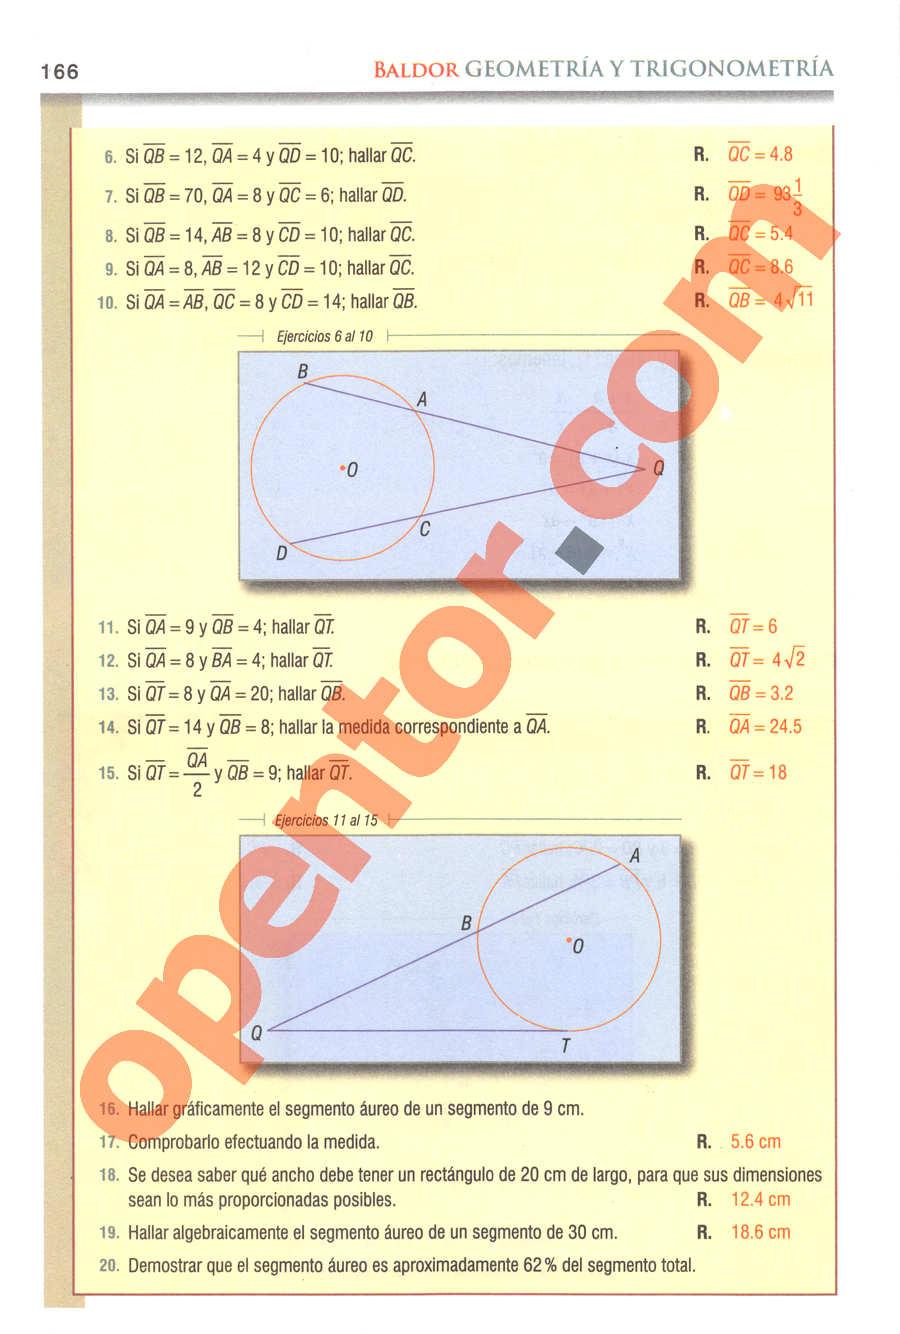 Geometría y Trigonometría de Baldor - Página 166